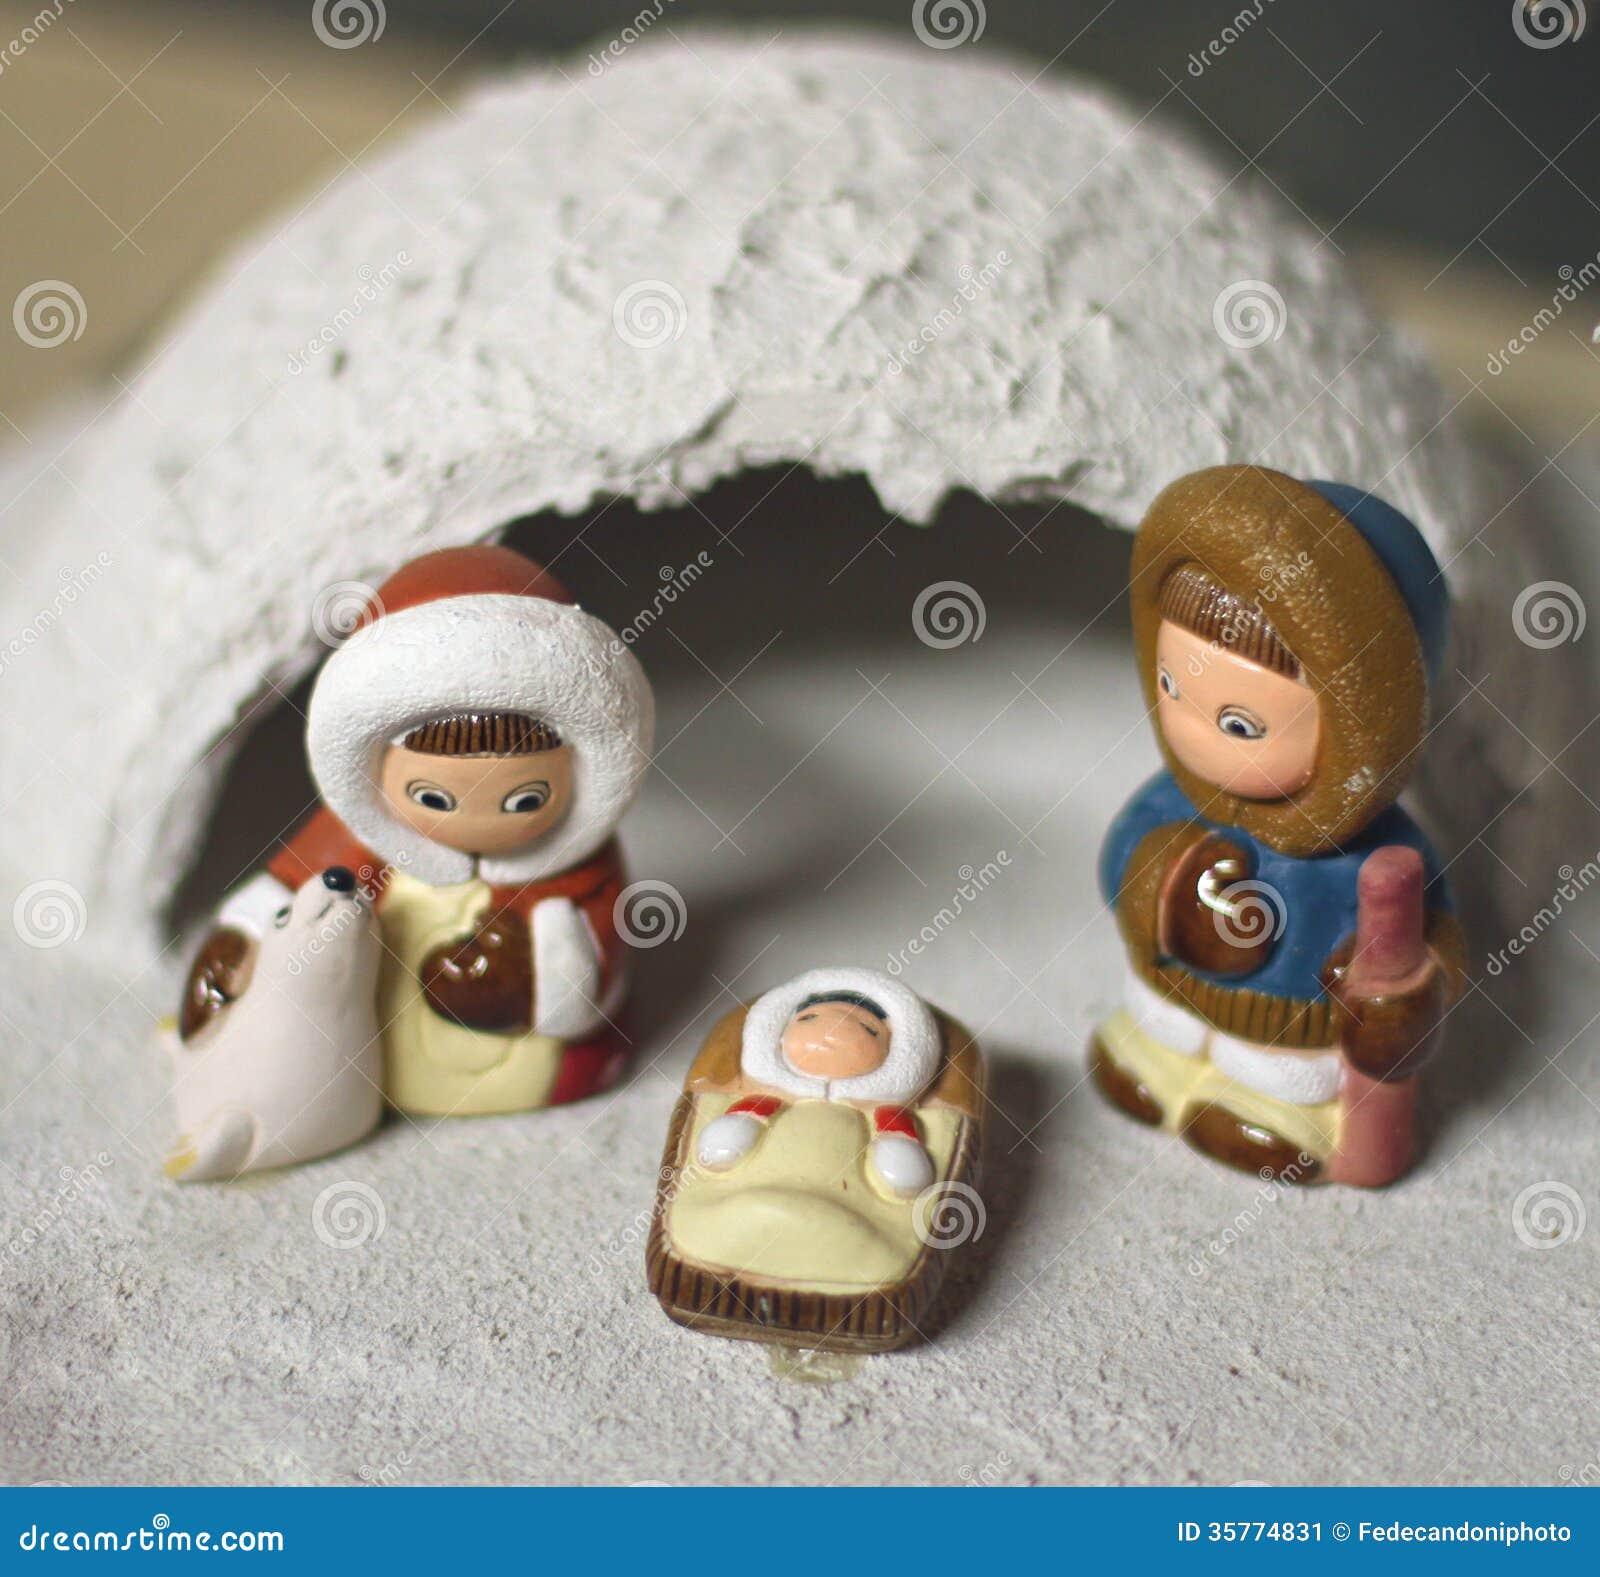 Crib In Eskimo Of North Pole Version 2 Stock Image Image